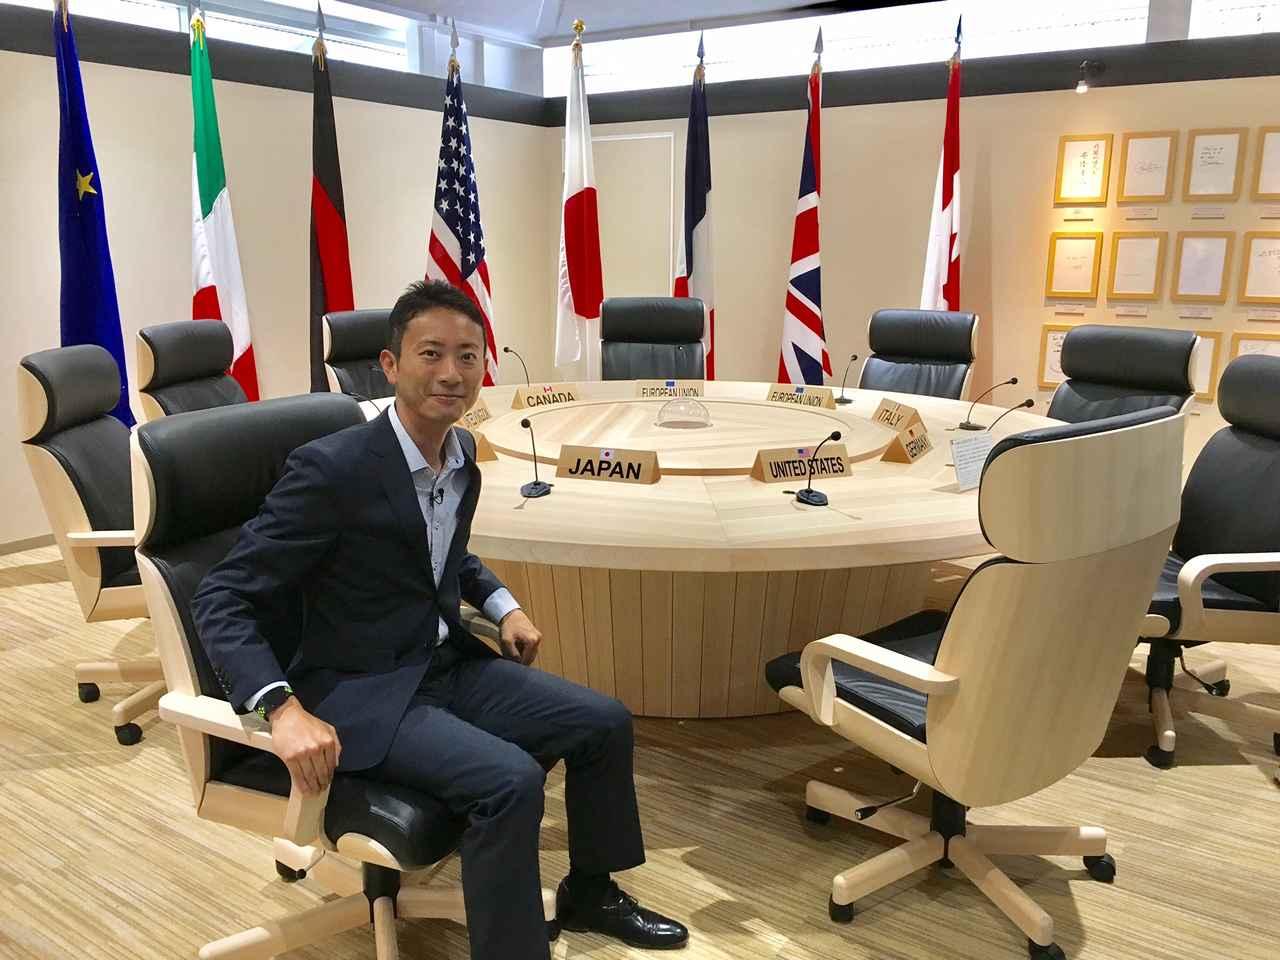 画像: 「JAPAN」の席には、実際に座ることもできます。